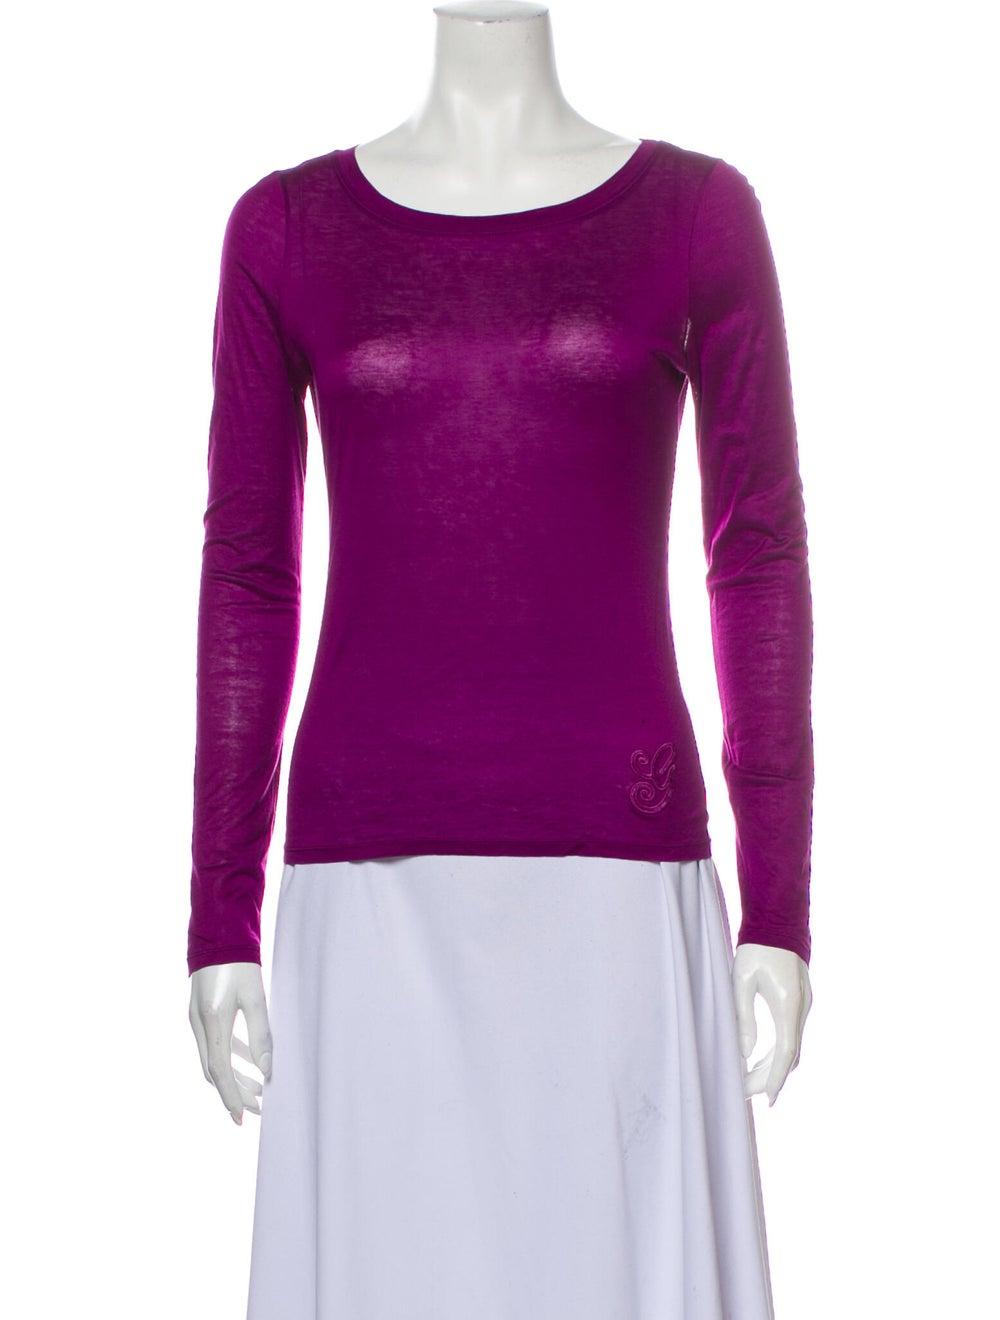 Gucci Vintage Scoop Neck T-Shirt Purple - image 1